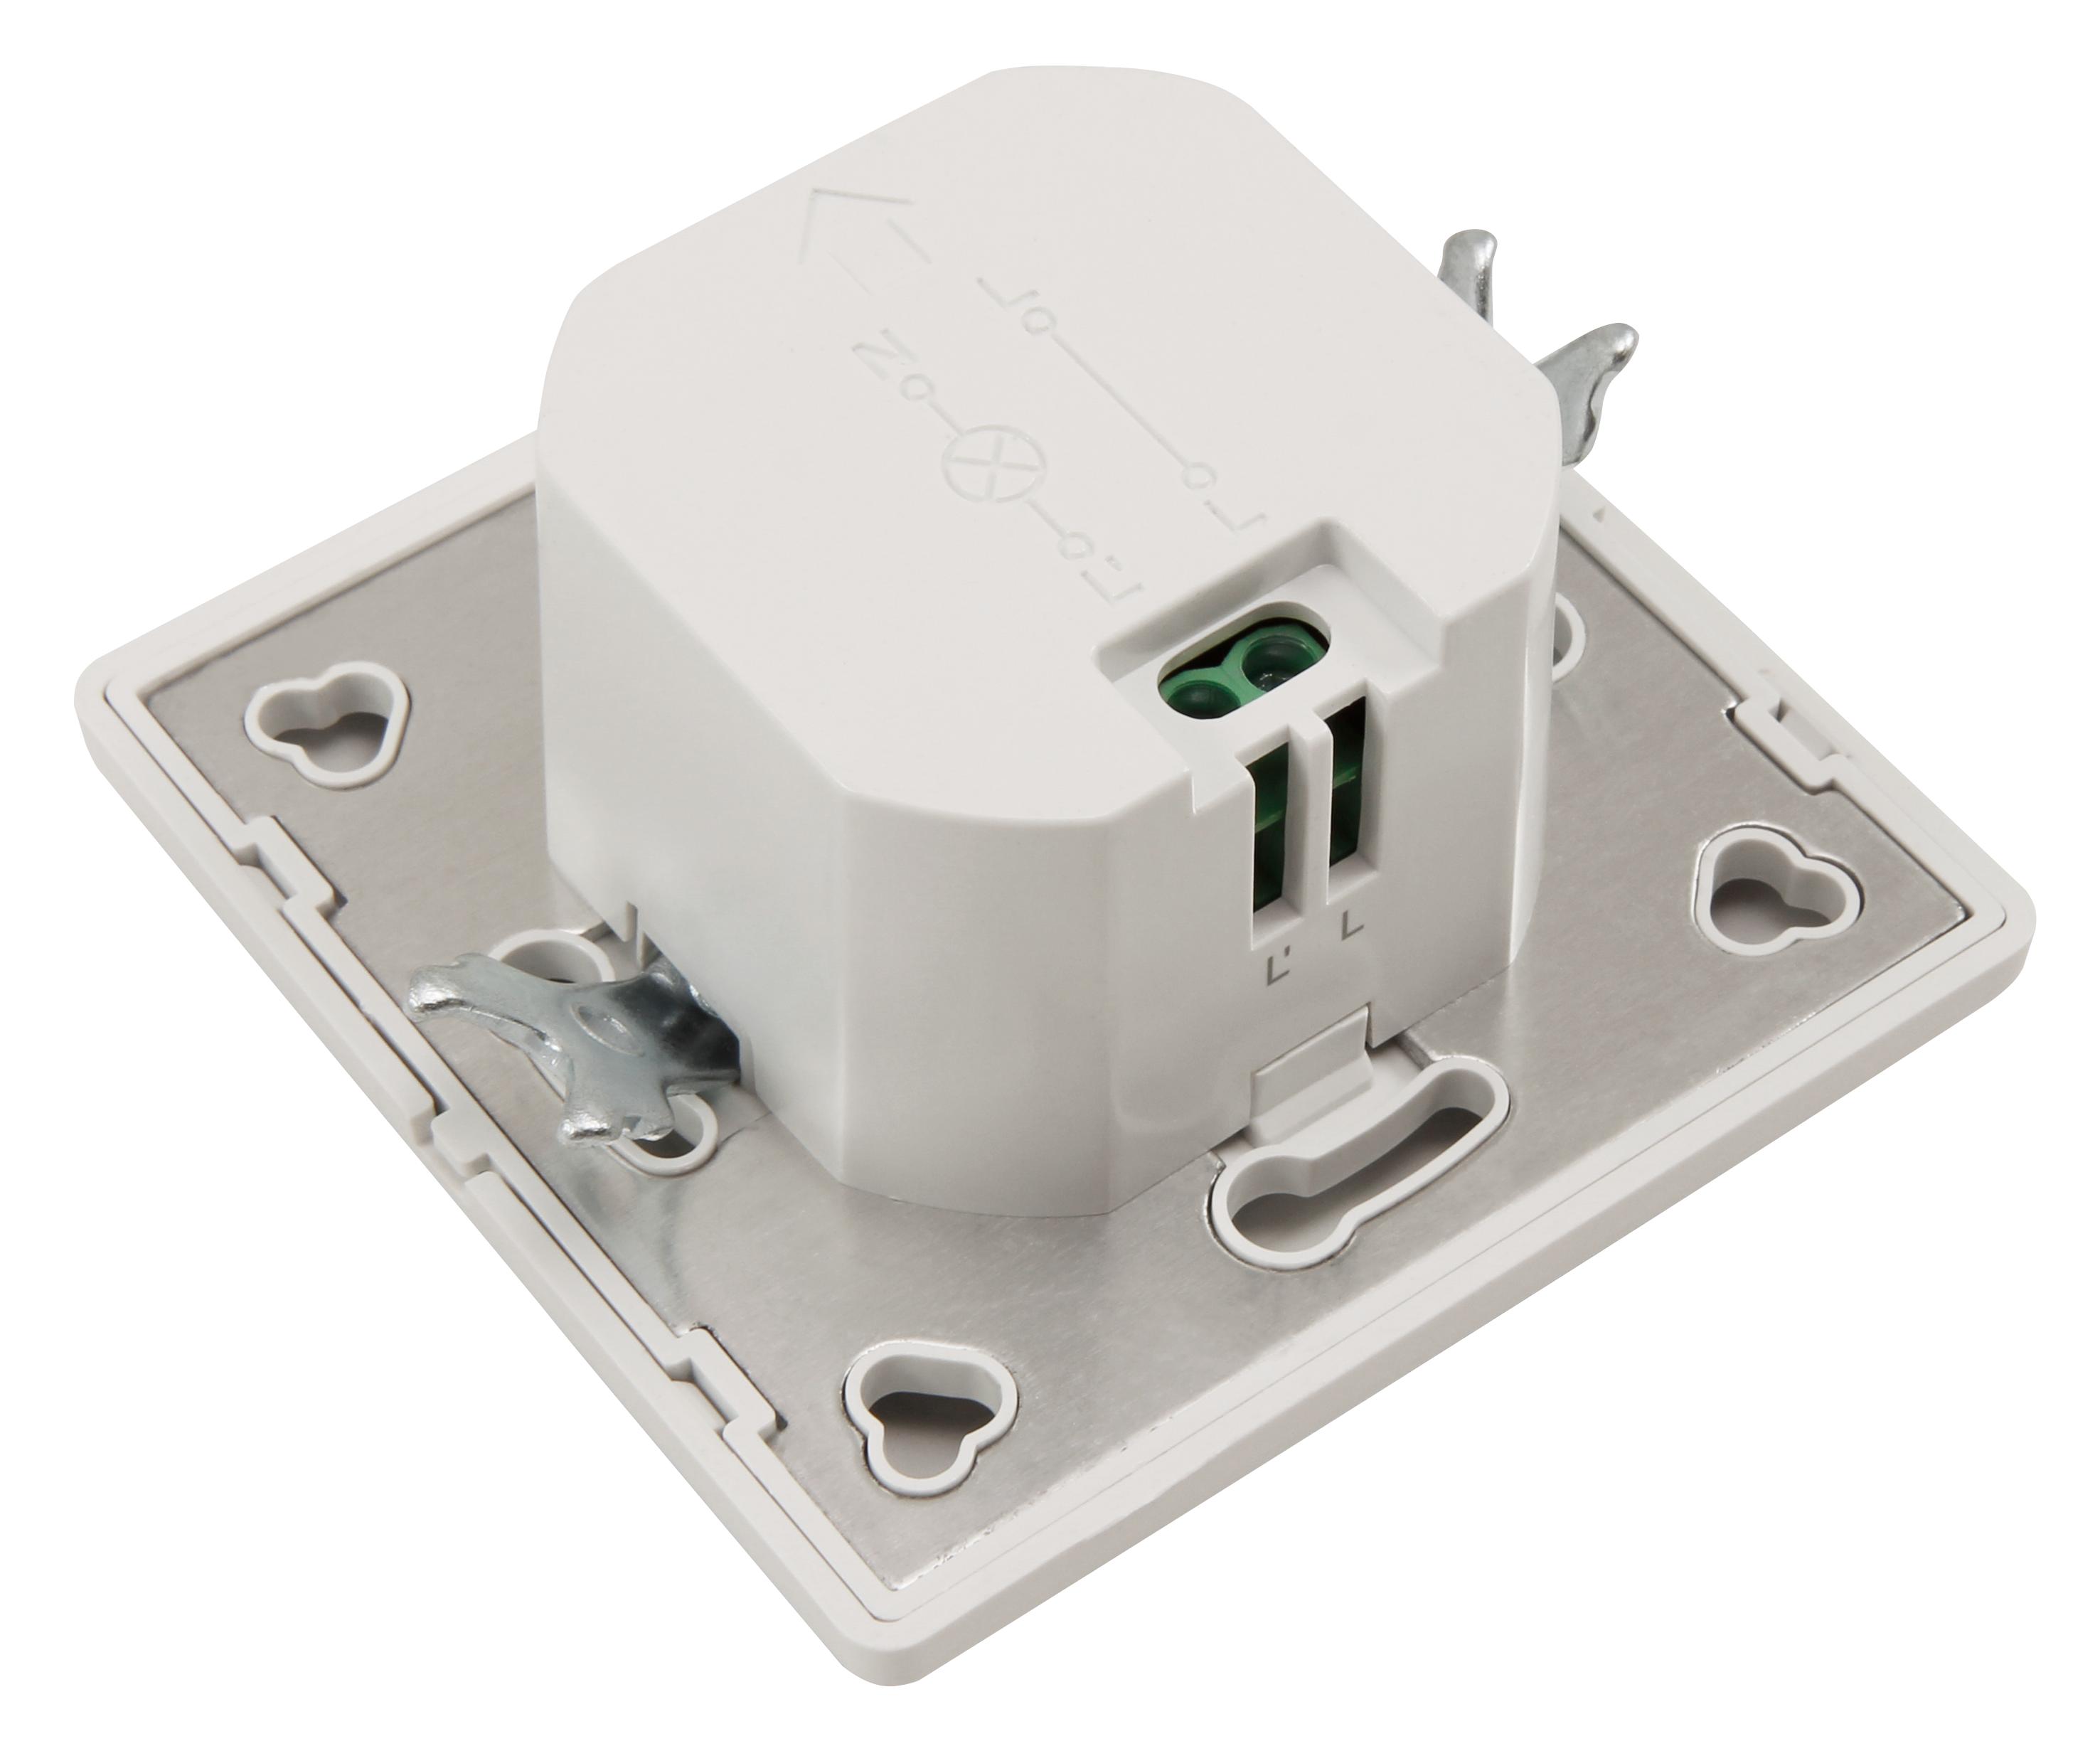 Unterputz IR Bewegungsmelder McShine ''LX-31'' 190°, 500W, LED geeignet, weiß